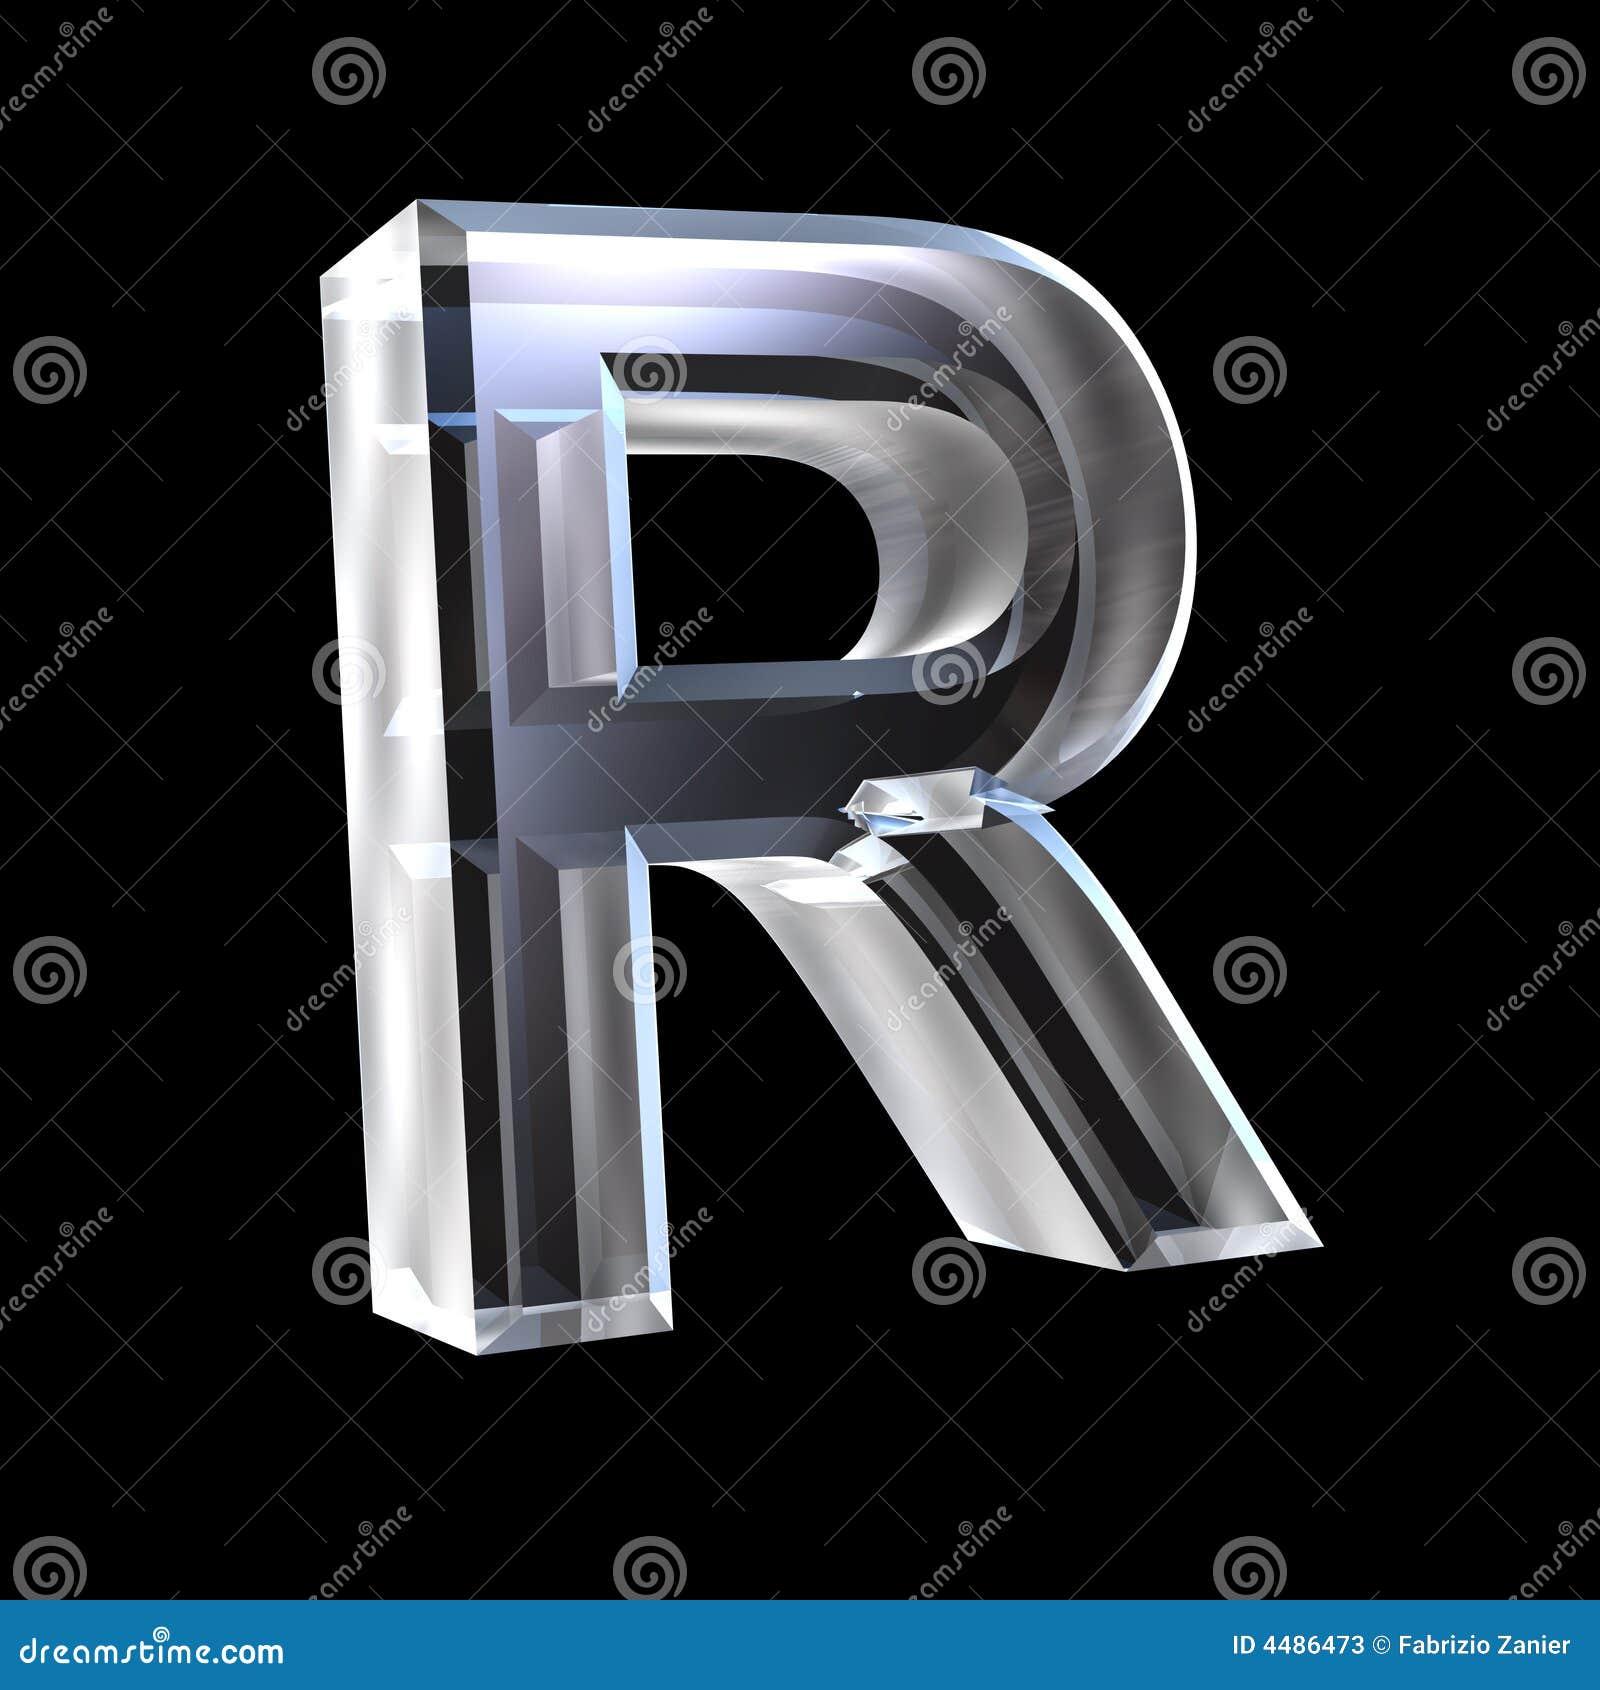 letter r in glass 3d stock illustration illustration of message 4486473. Black Bedroom Furniture Sets. Home Design Ideas